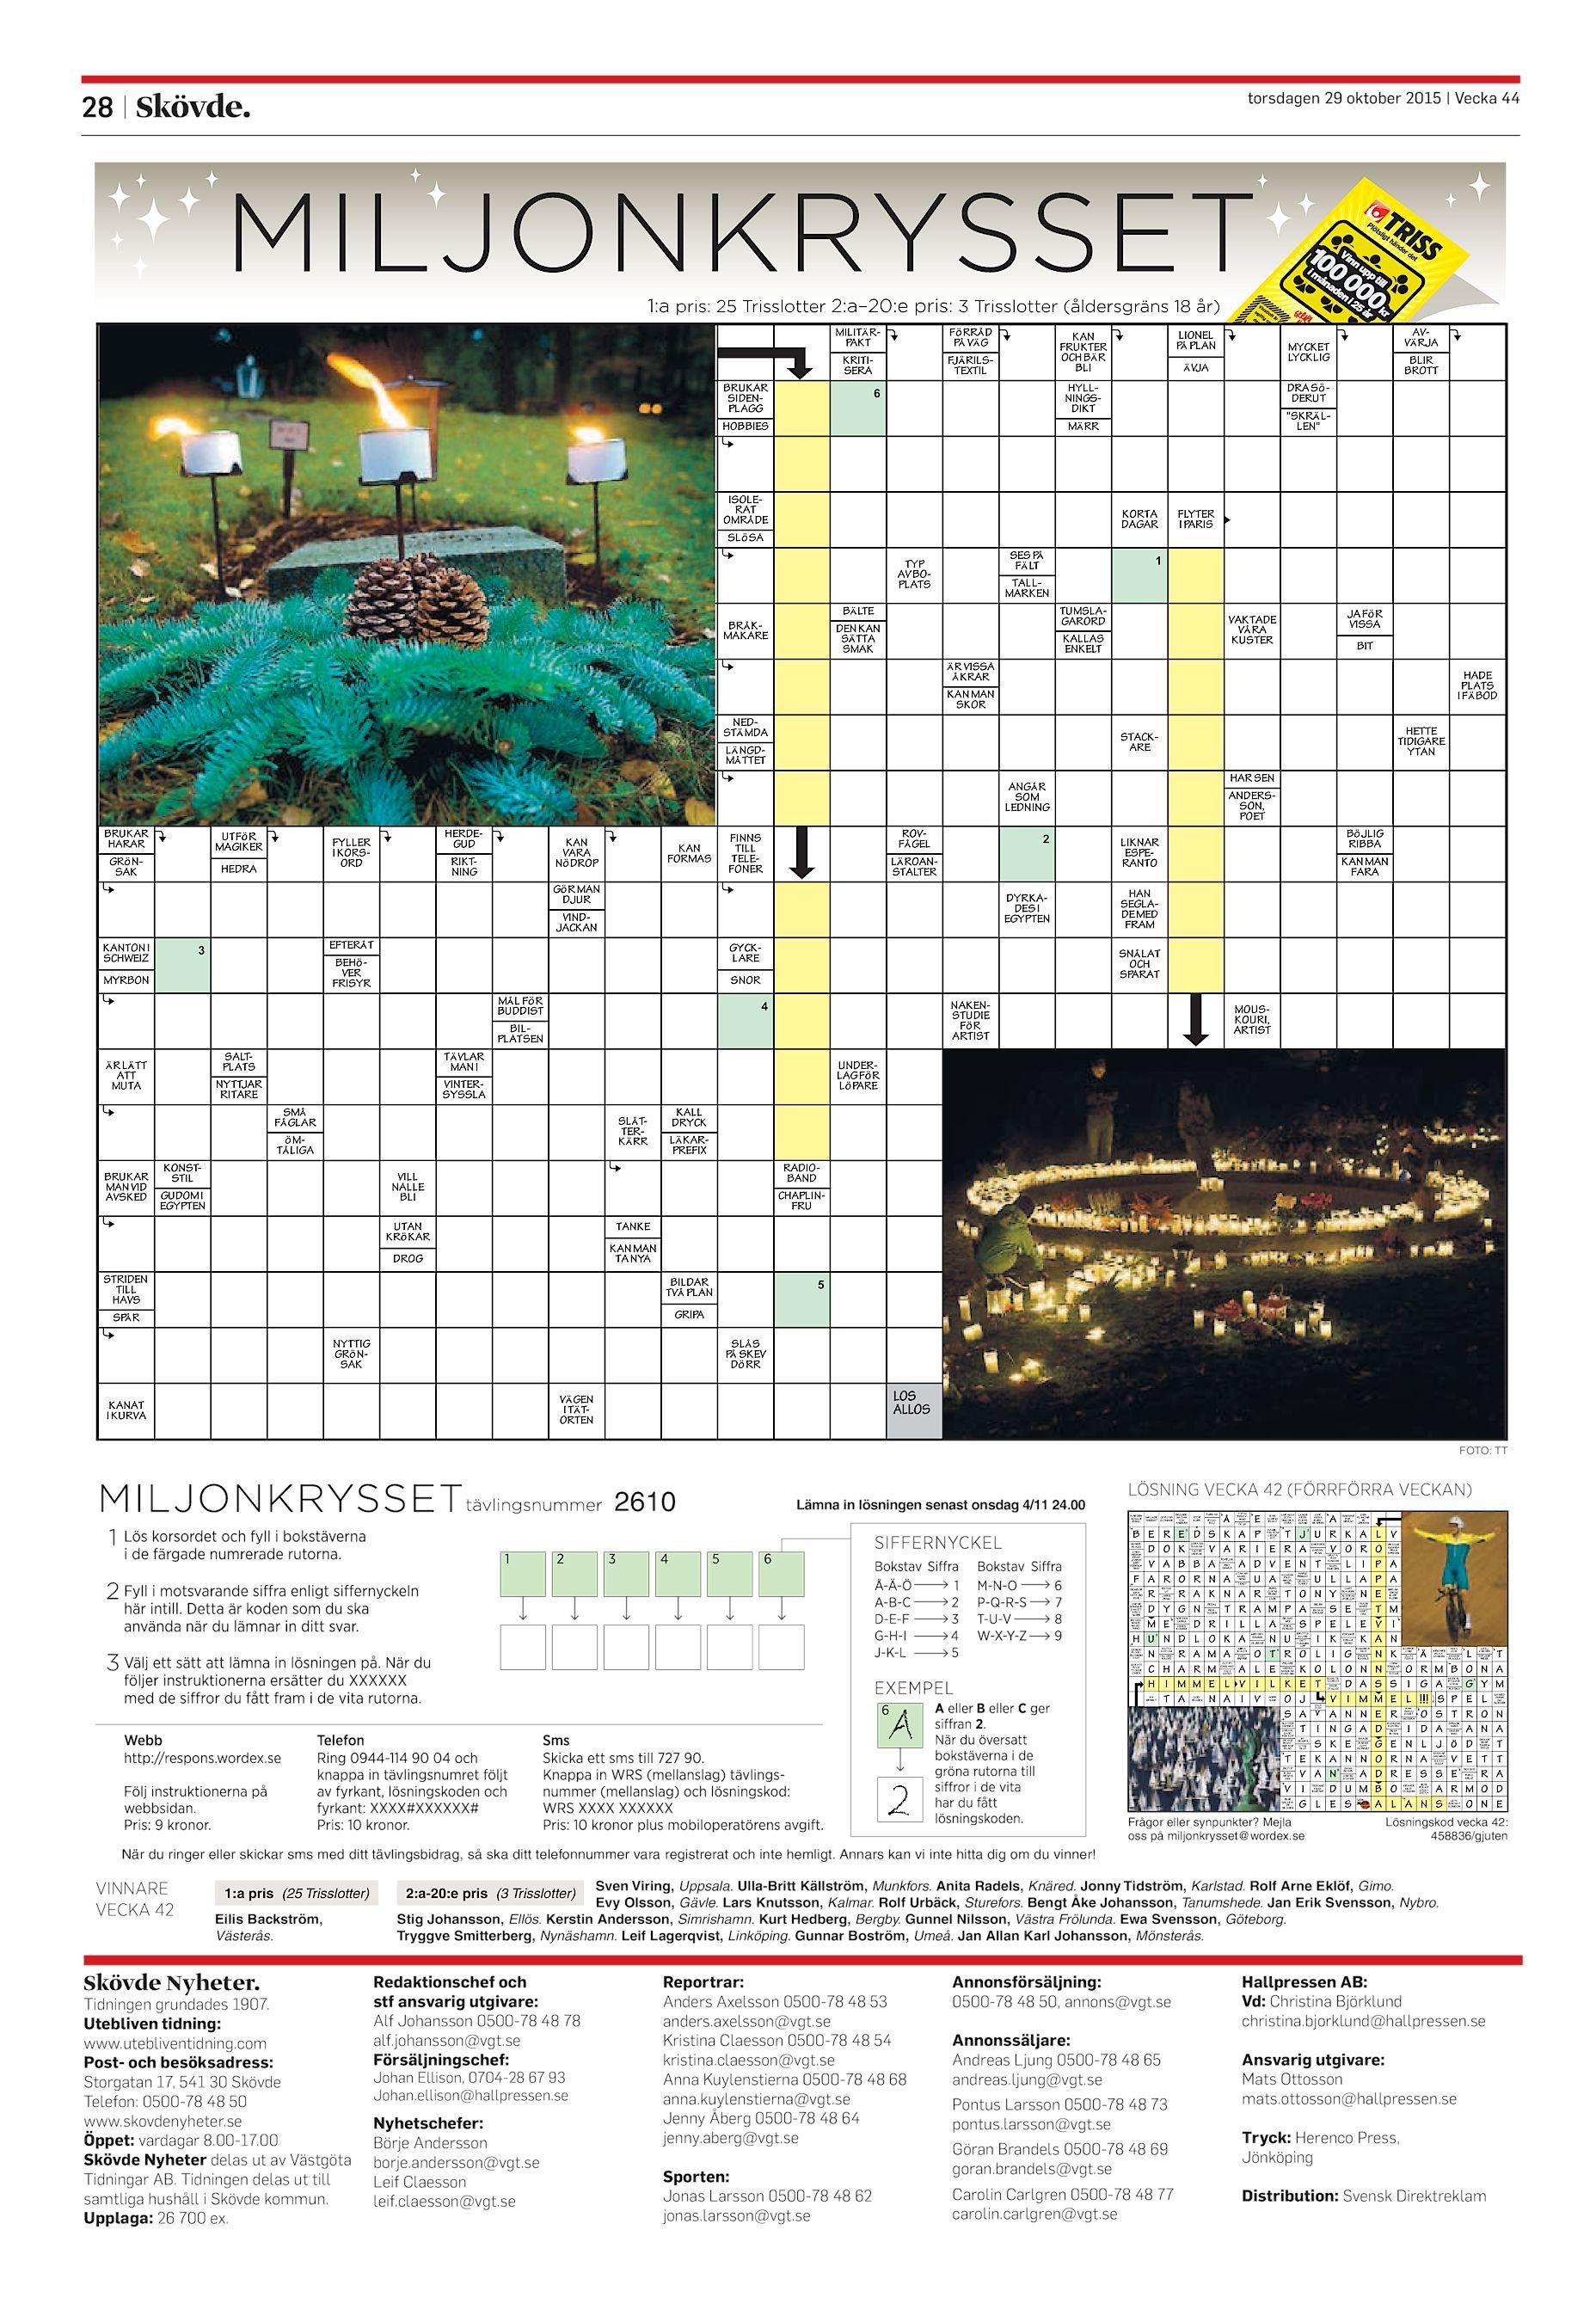 cd73d385f00 Skövde Nyheter SN-20151029 (endast text)